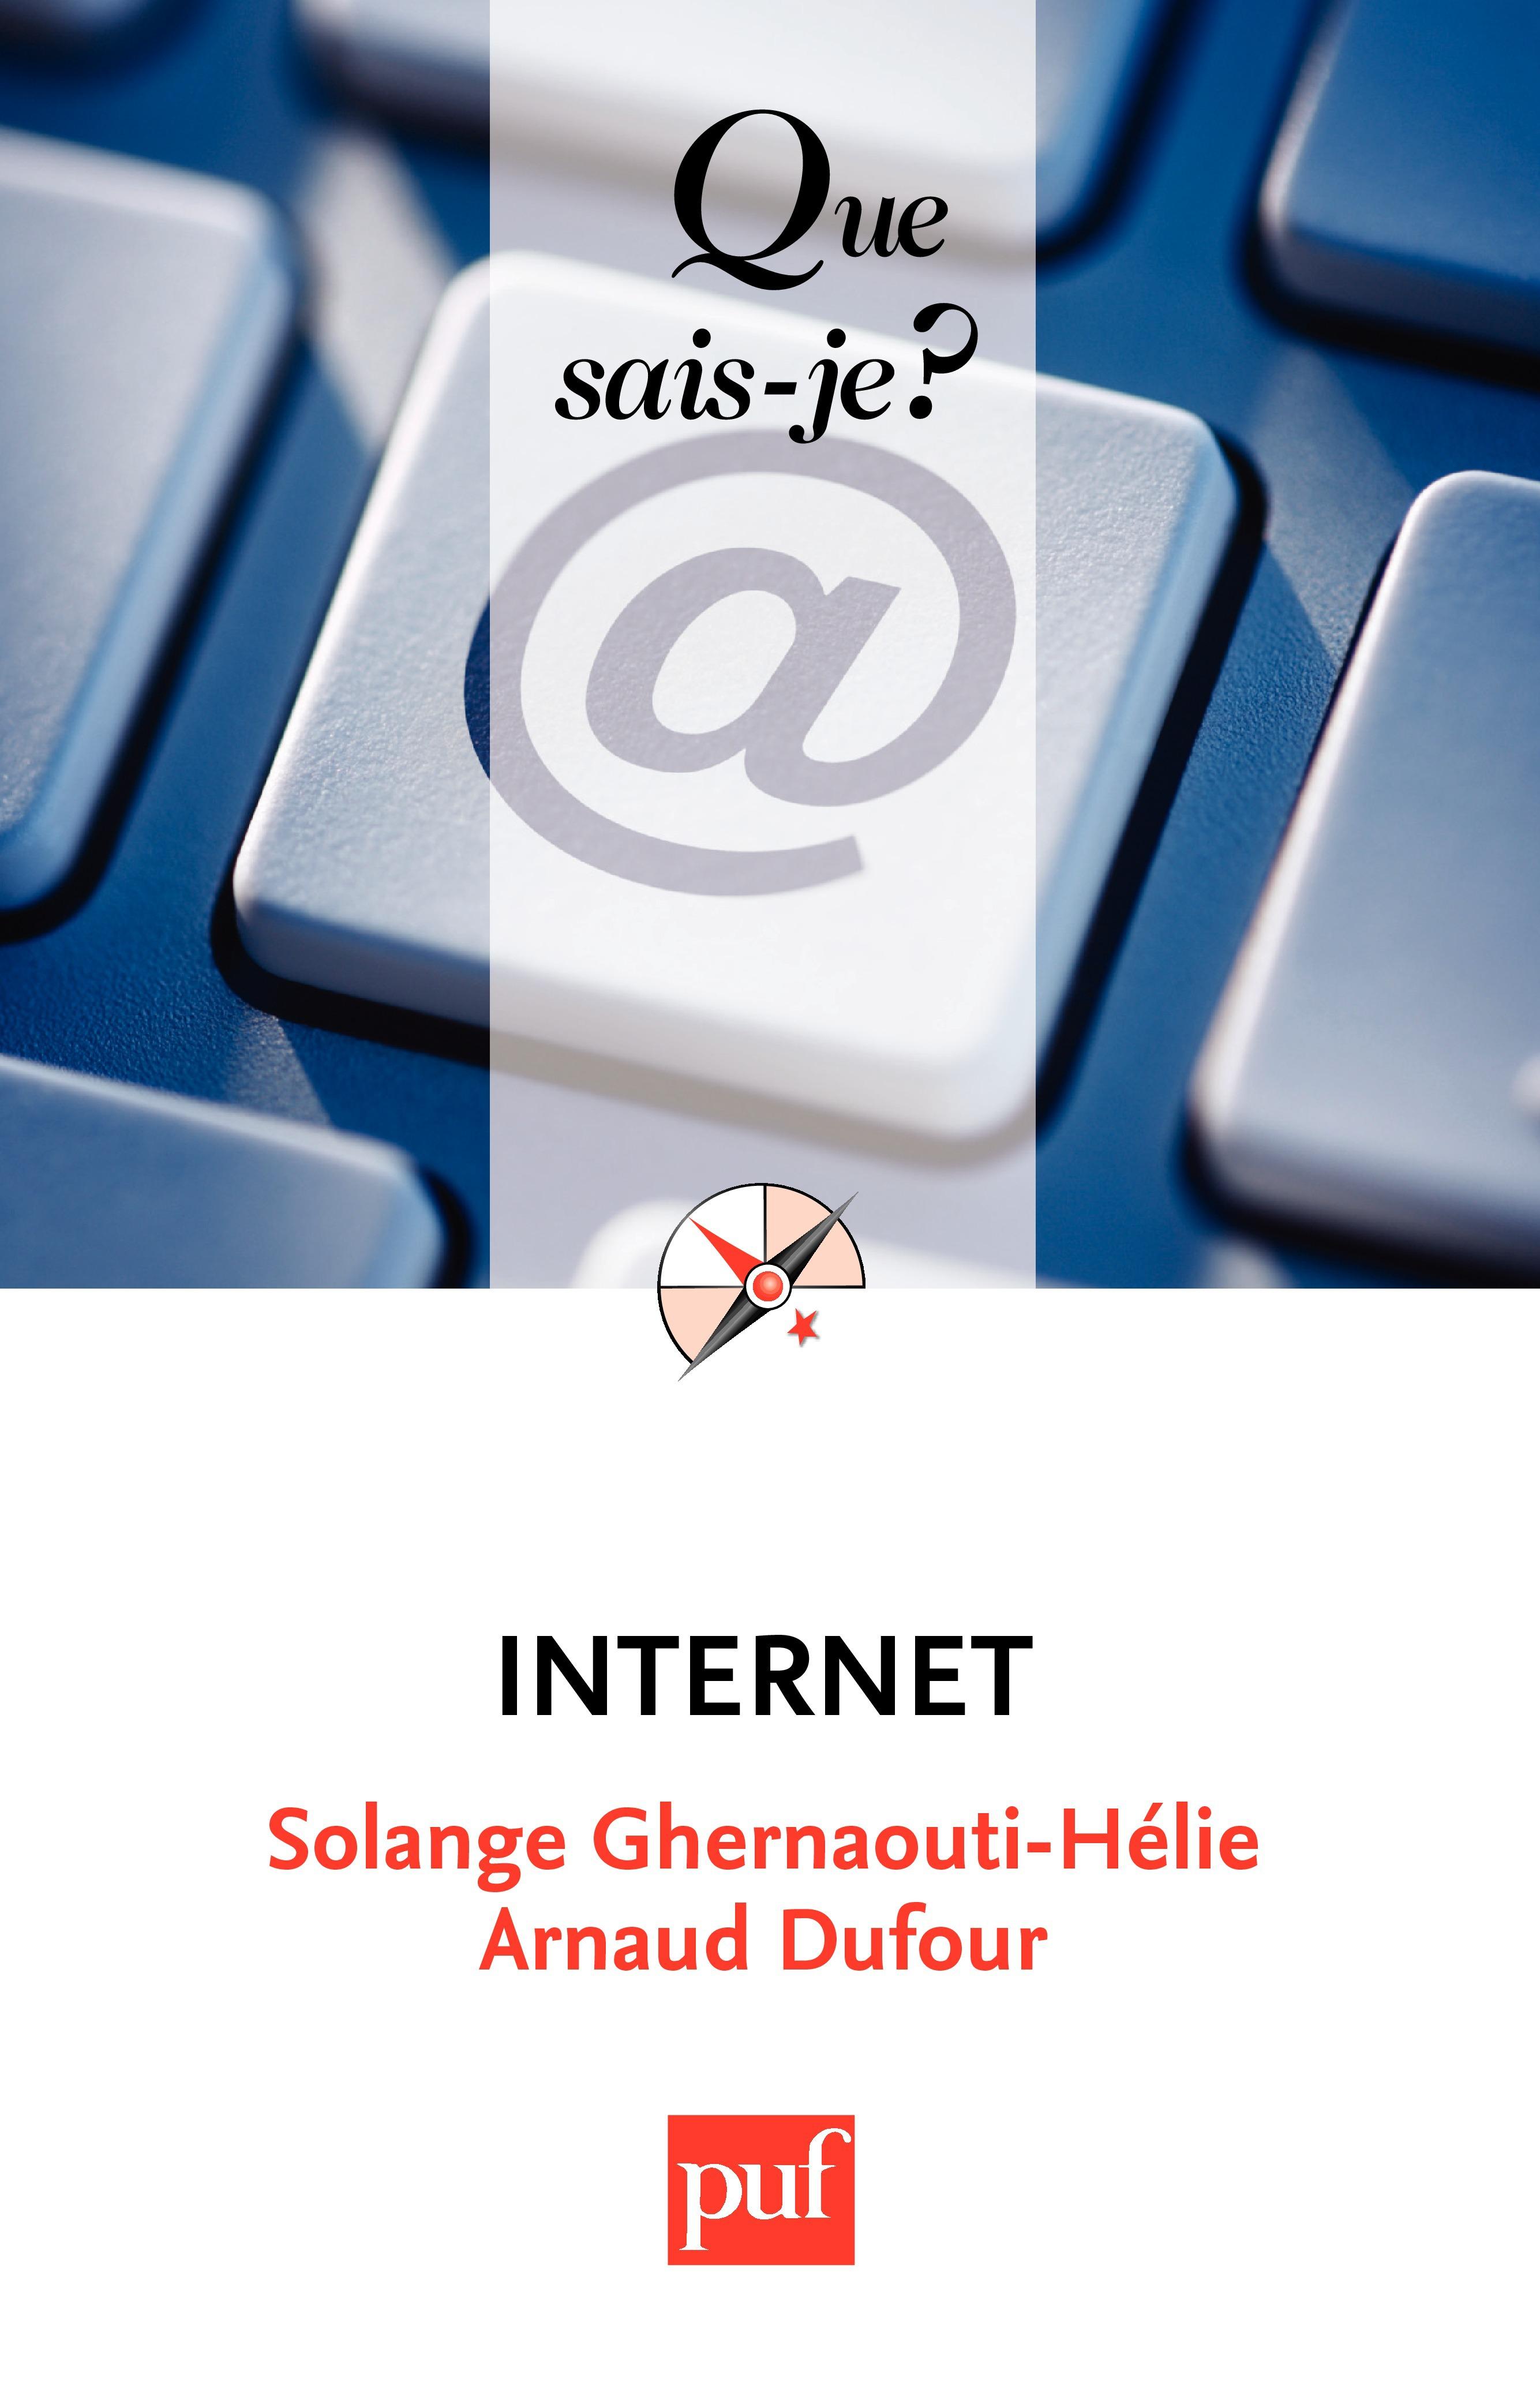 Solange Ghernaouti-Hélie Internet